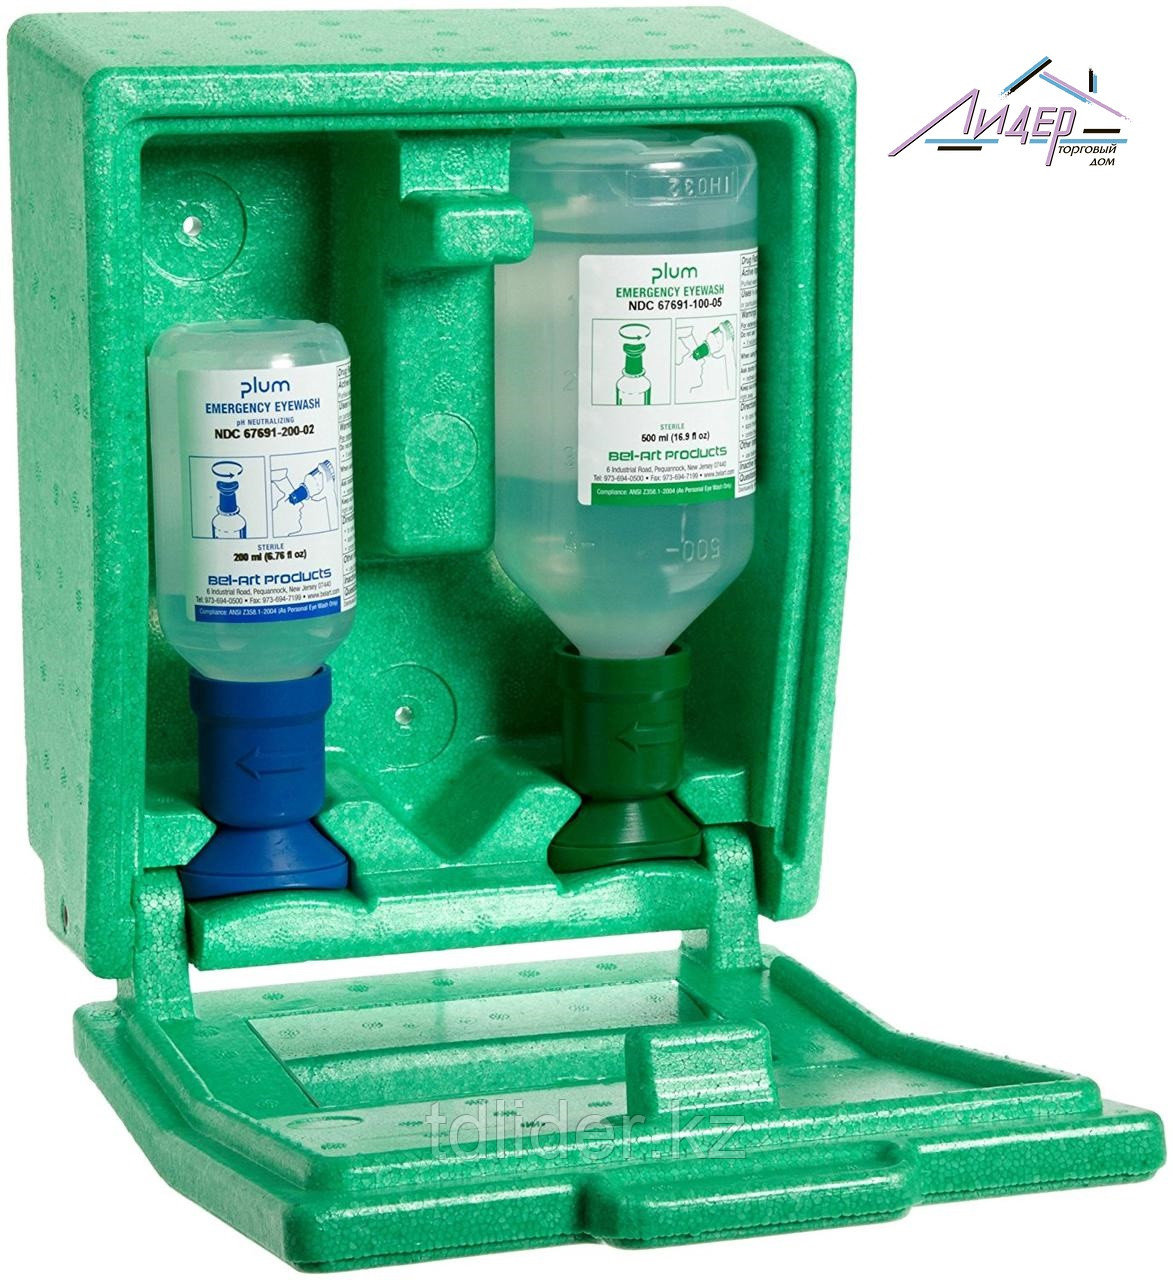 Комплект PLUM для чрезвычайных ситуаций в случае риска травматического и химического повреждения (4787)